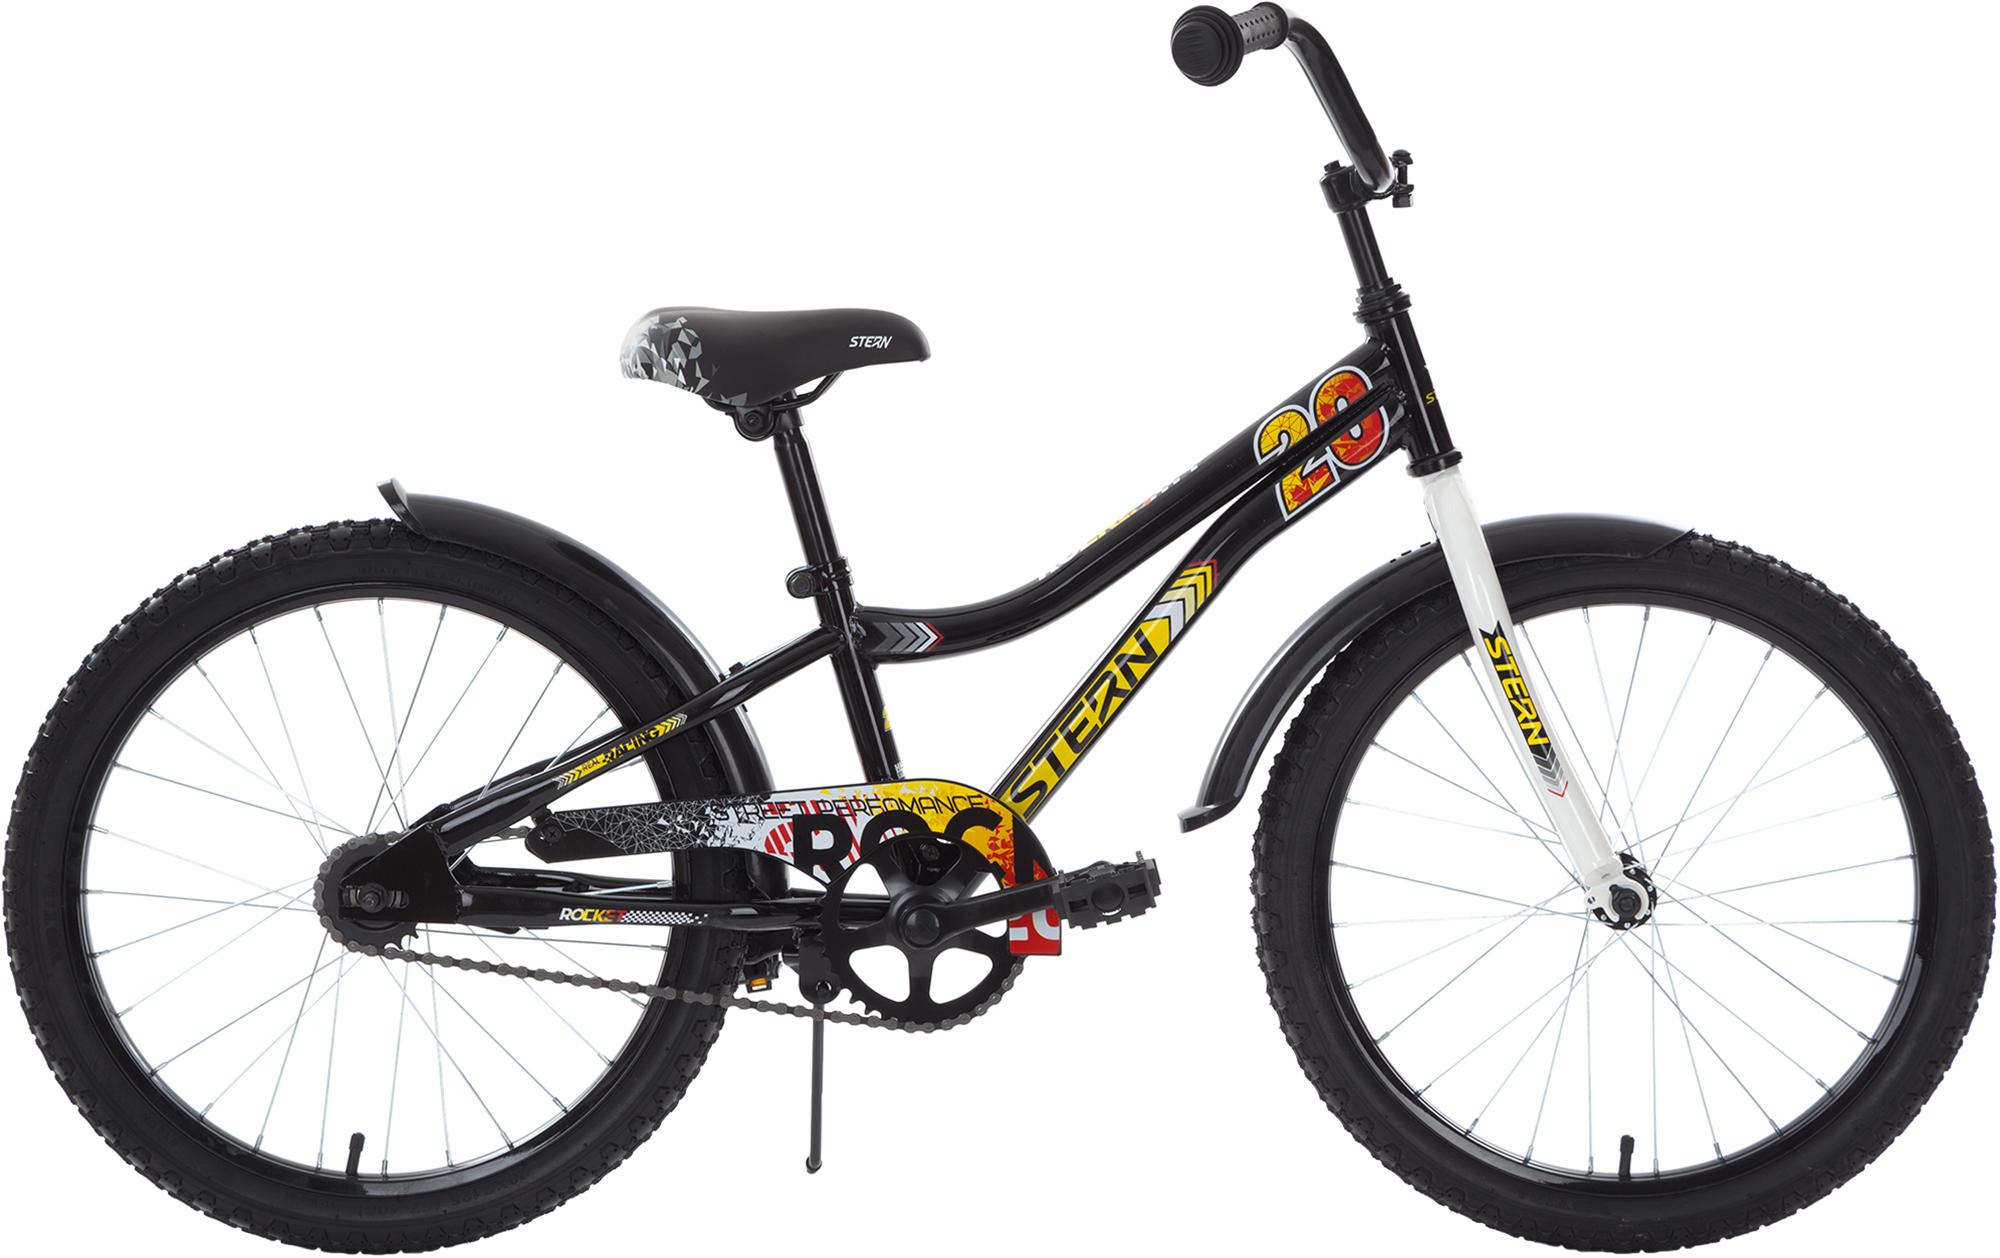 Stern Велосипед подростковый Stern Rocket 20 цена